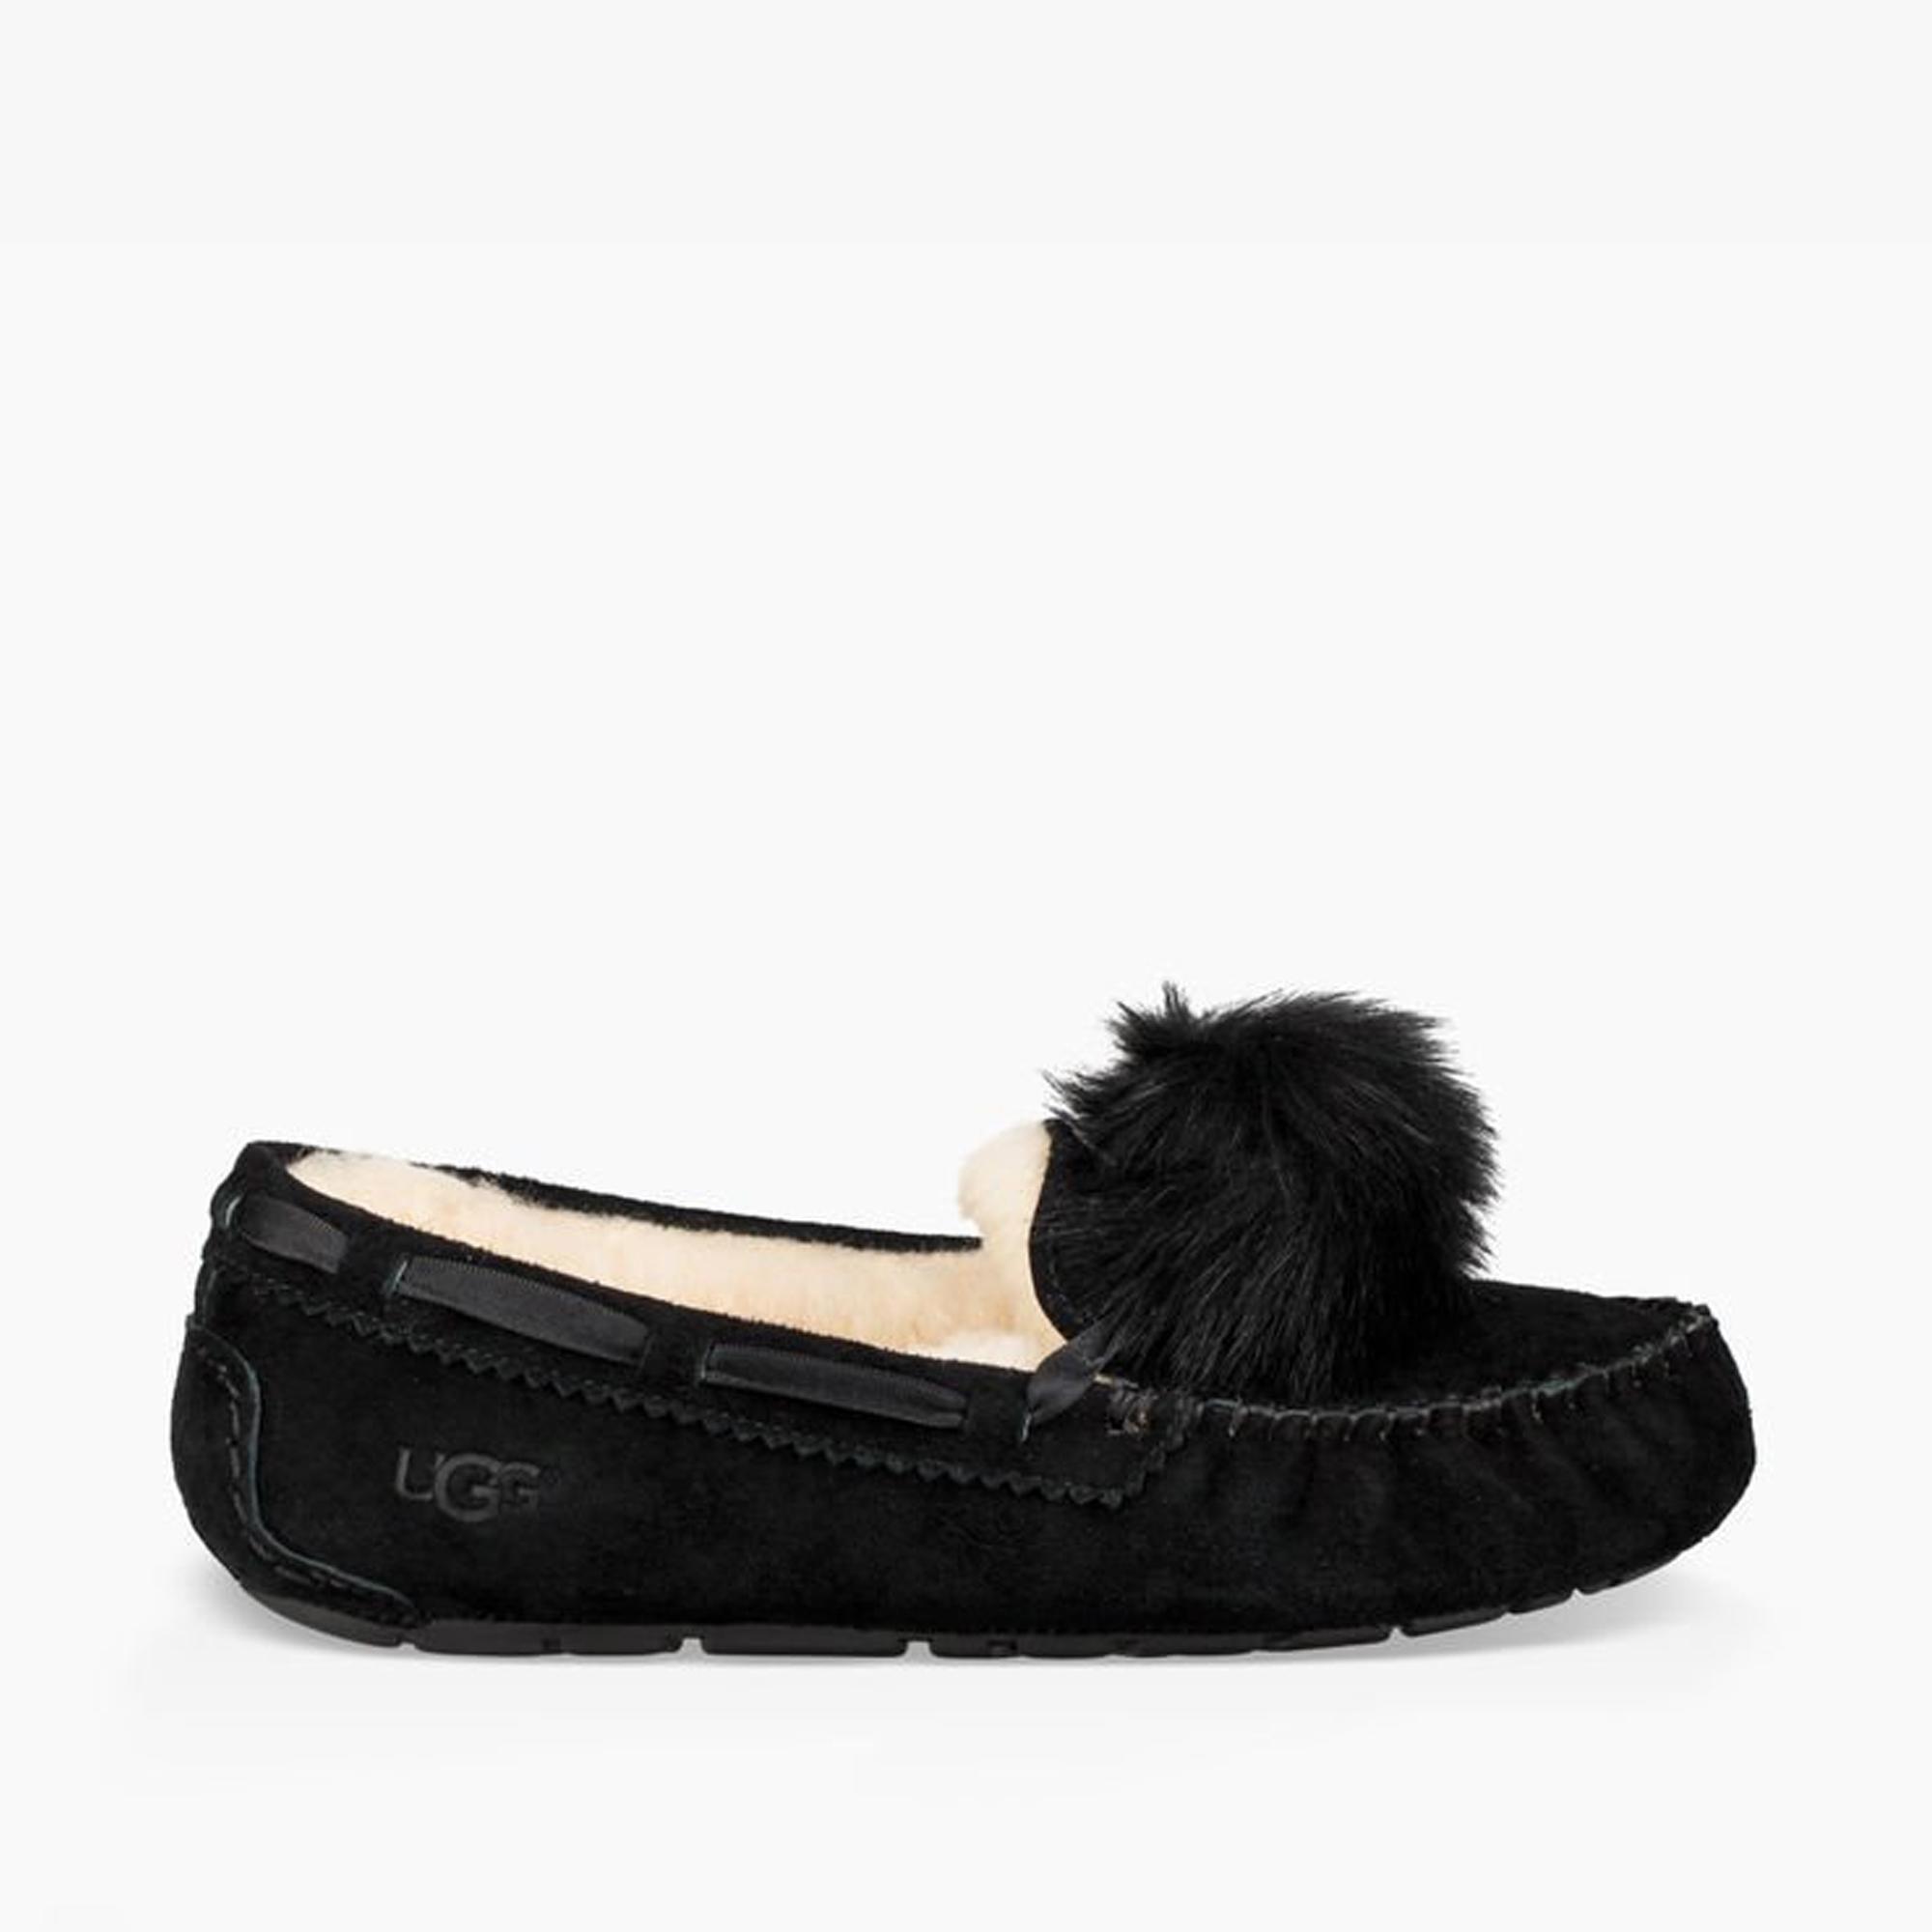 43e69fbc6cd UGG DAKOTA POM POM Ladies Moccasin Slippers Black